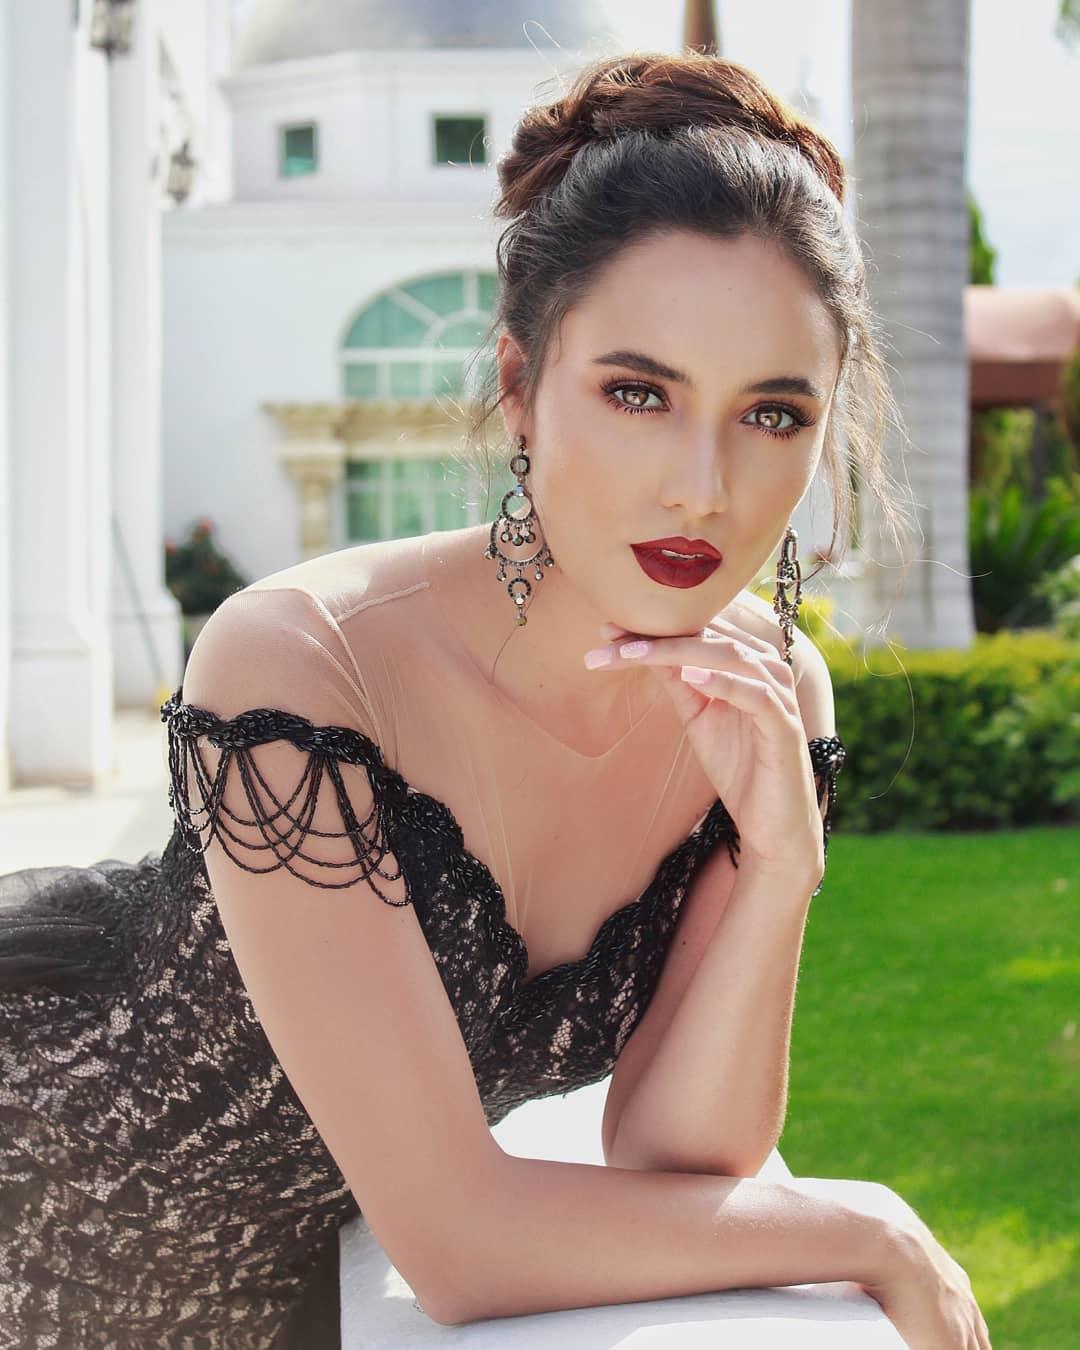 karolina vidales, candidata a miss mexico 2020, representando michoacan. - Página 4 74432311